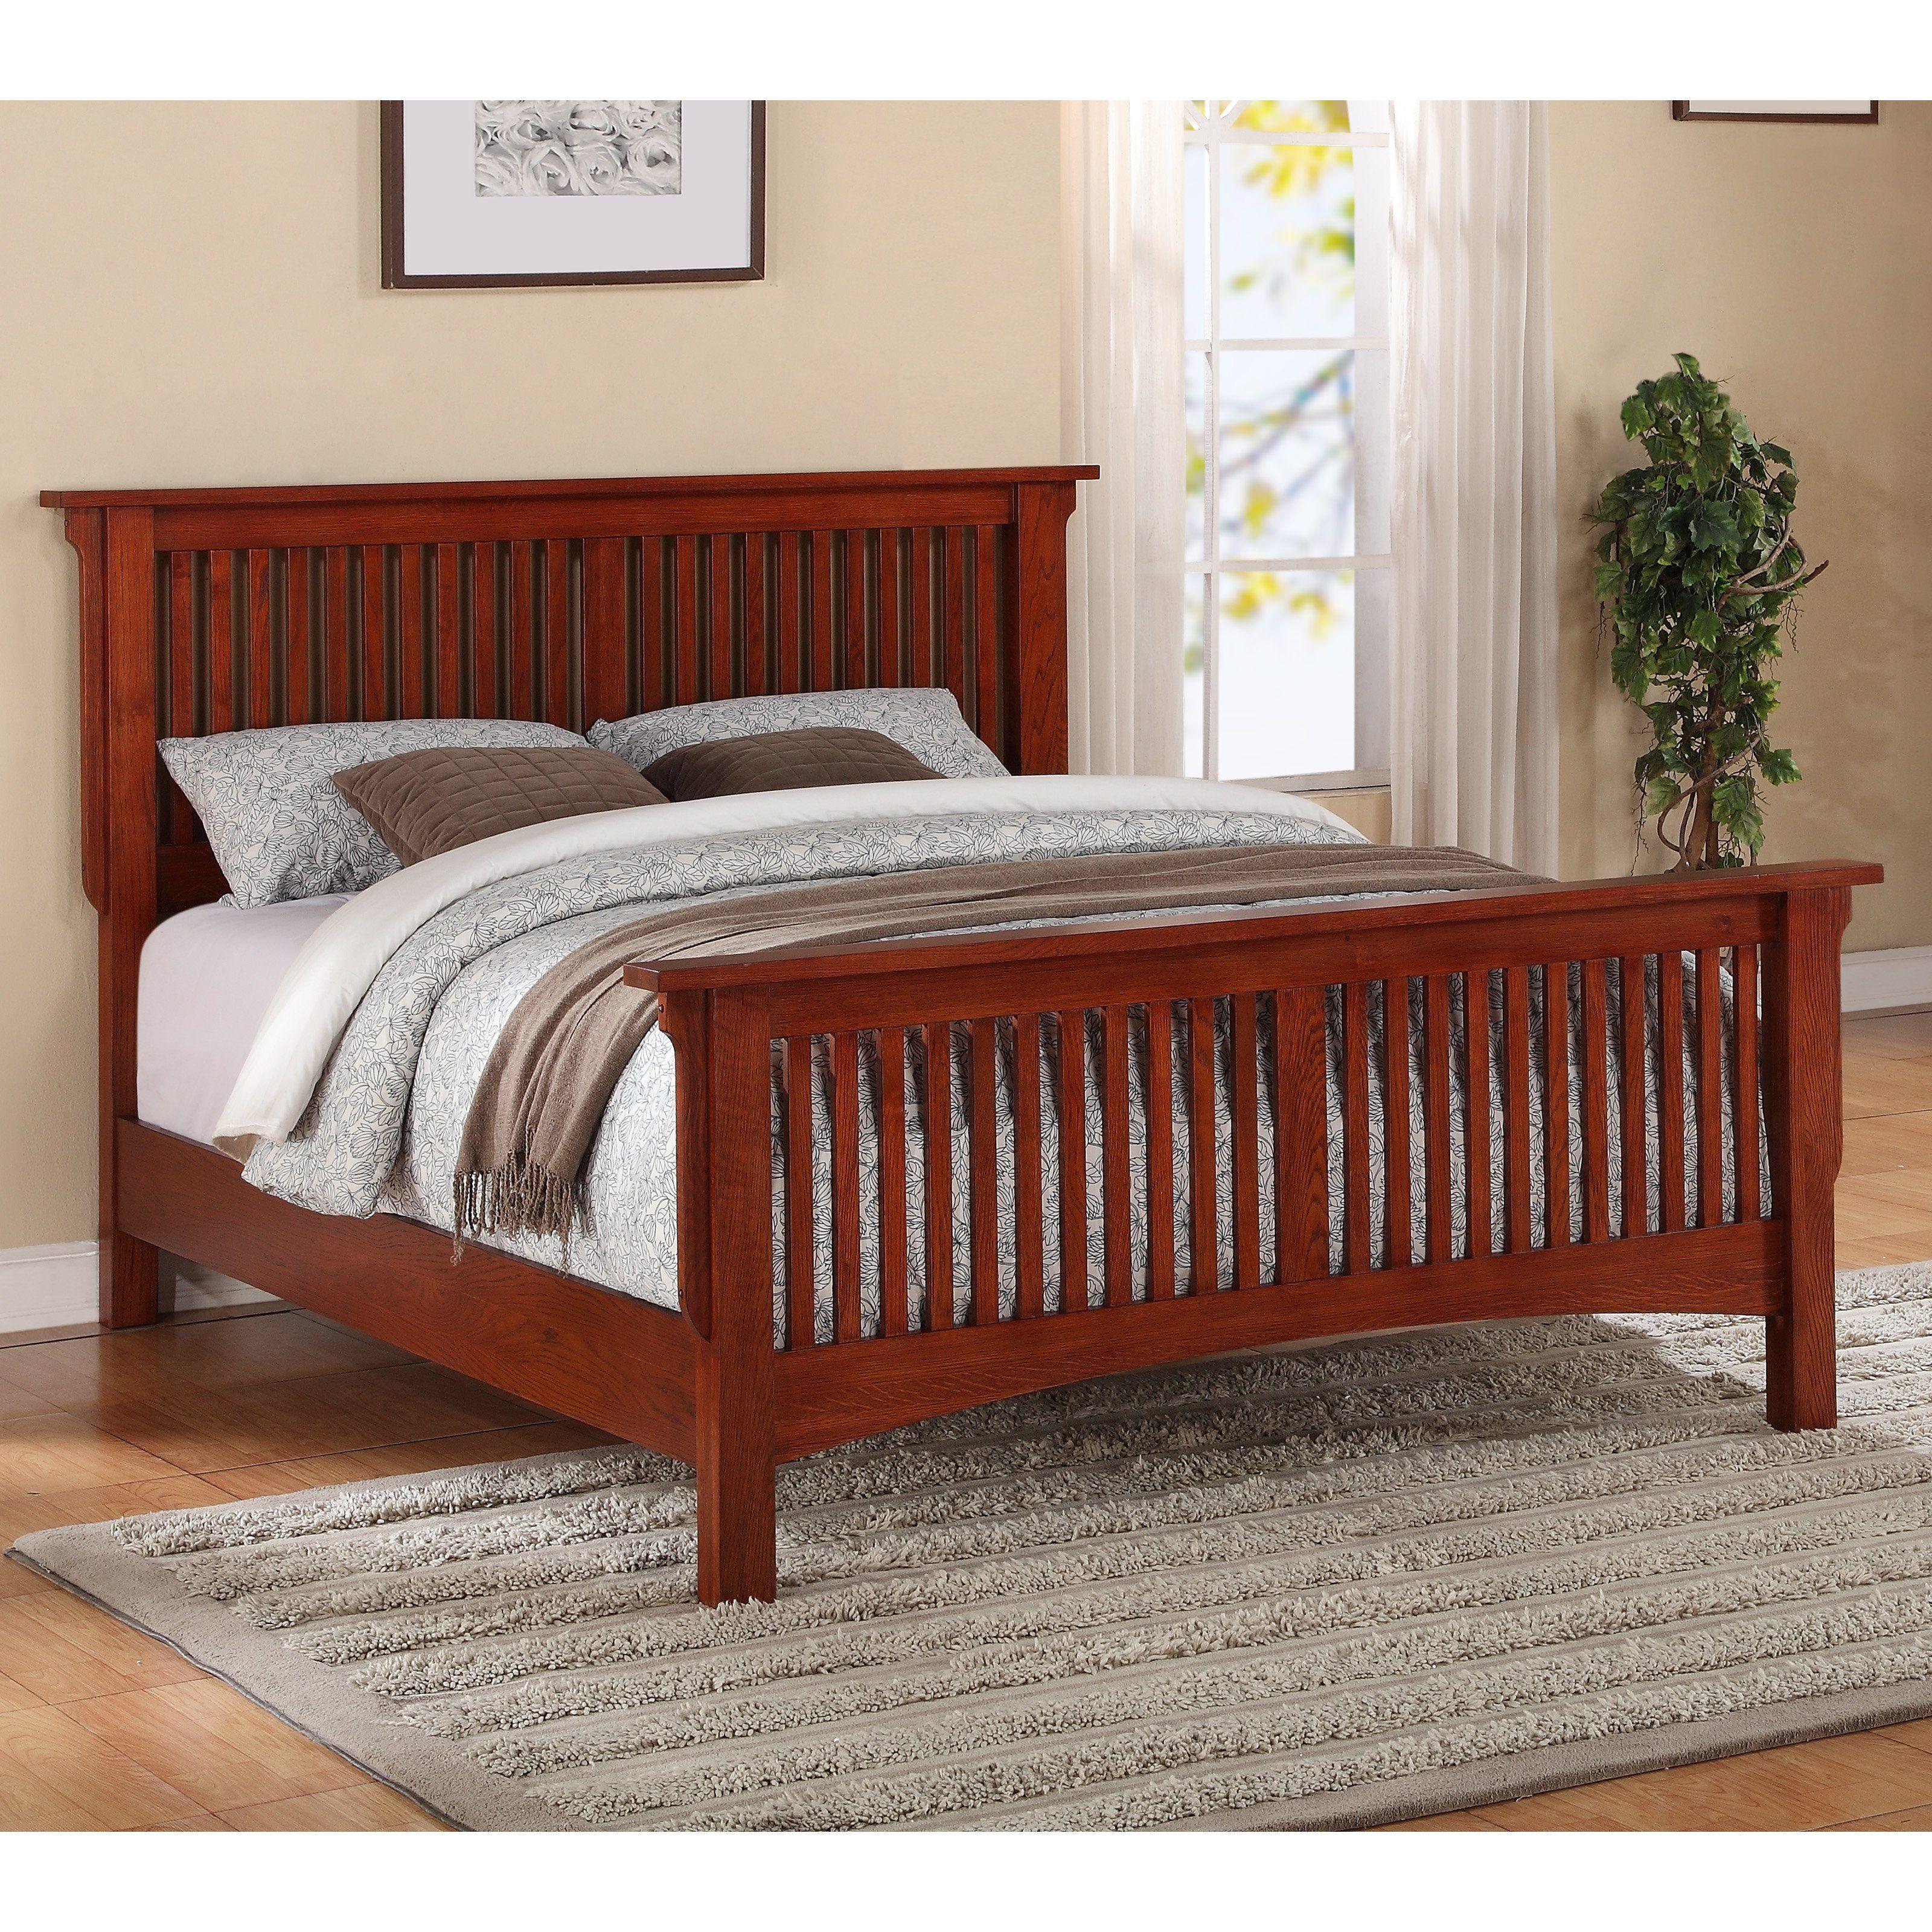 Mission Slat Panel Bed Oak Bed